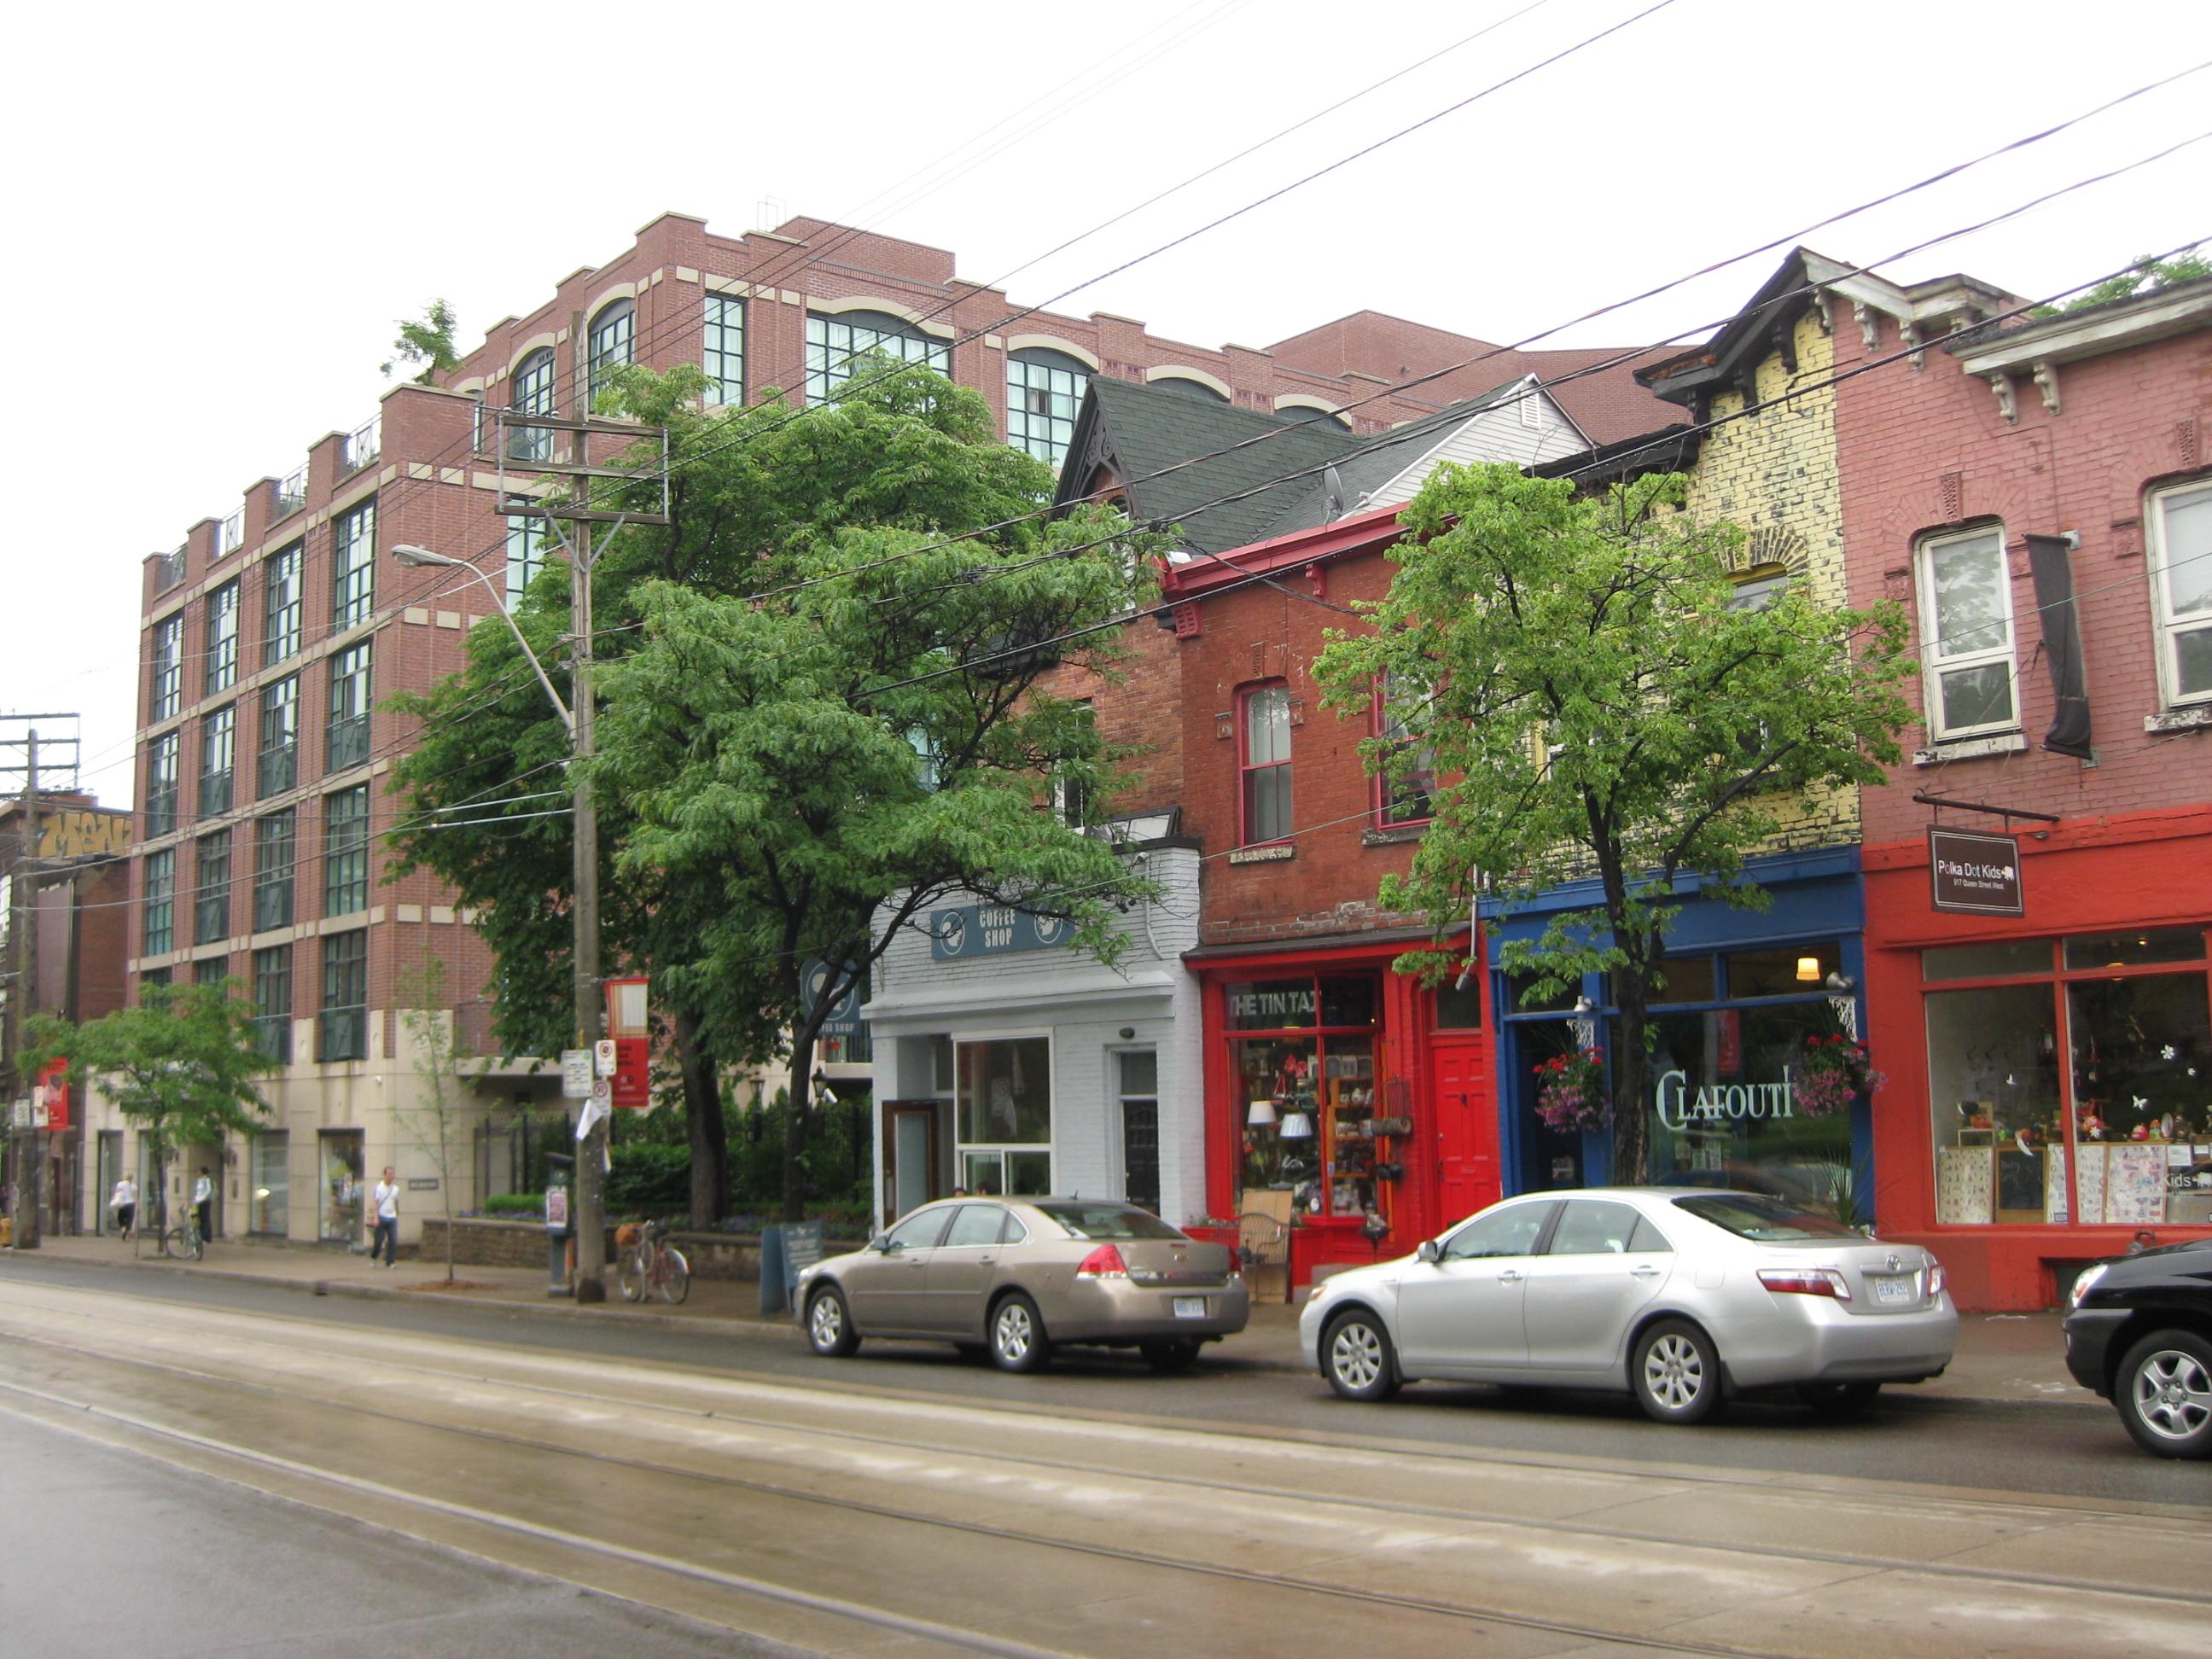 Queen West, Queen Street West, Ontario, Toronto, Canada, Post-Gayborhoods